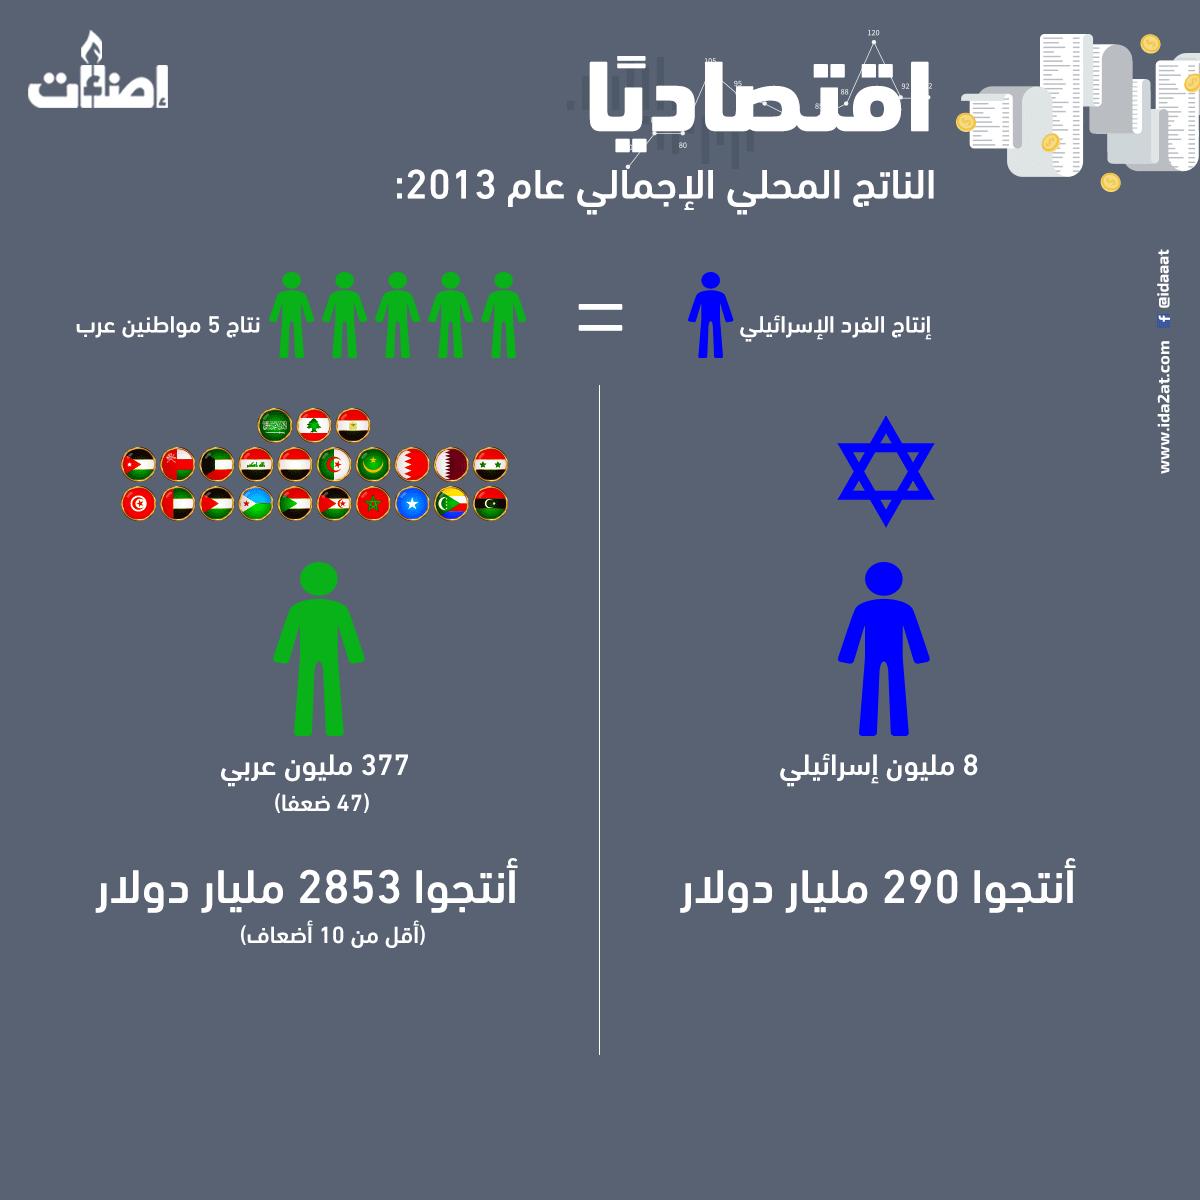 إسرائيل تتفوق اقتصاديا